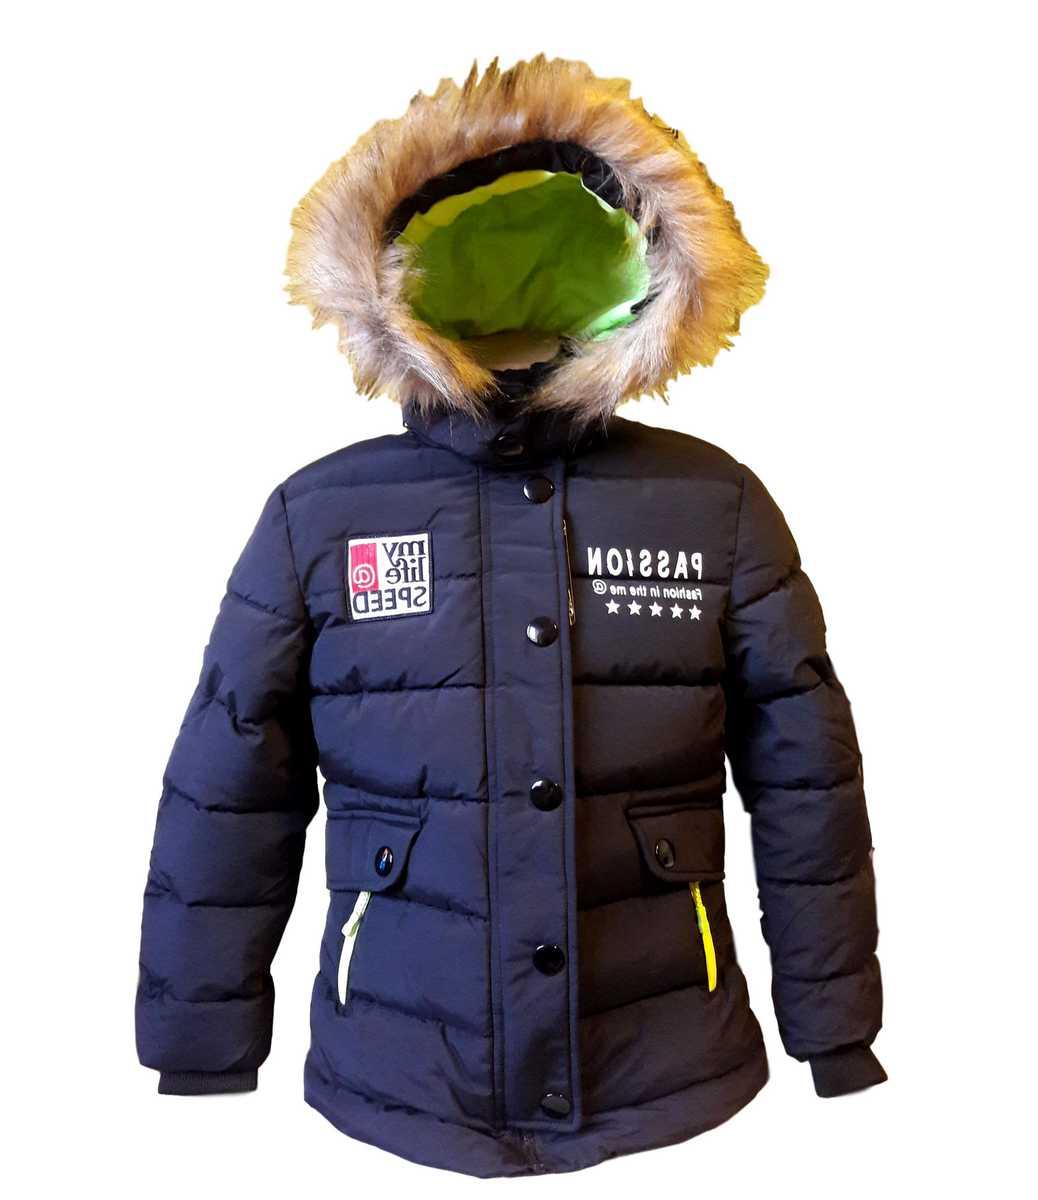 Chlapecká zimní bunda Wolf černá  c38af038d7